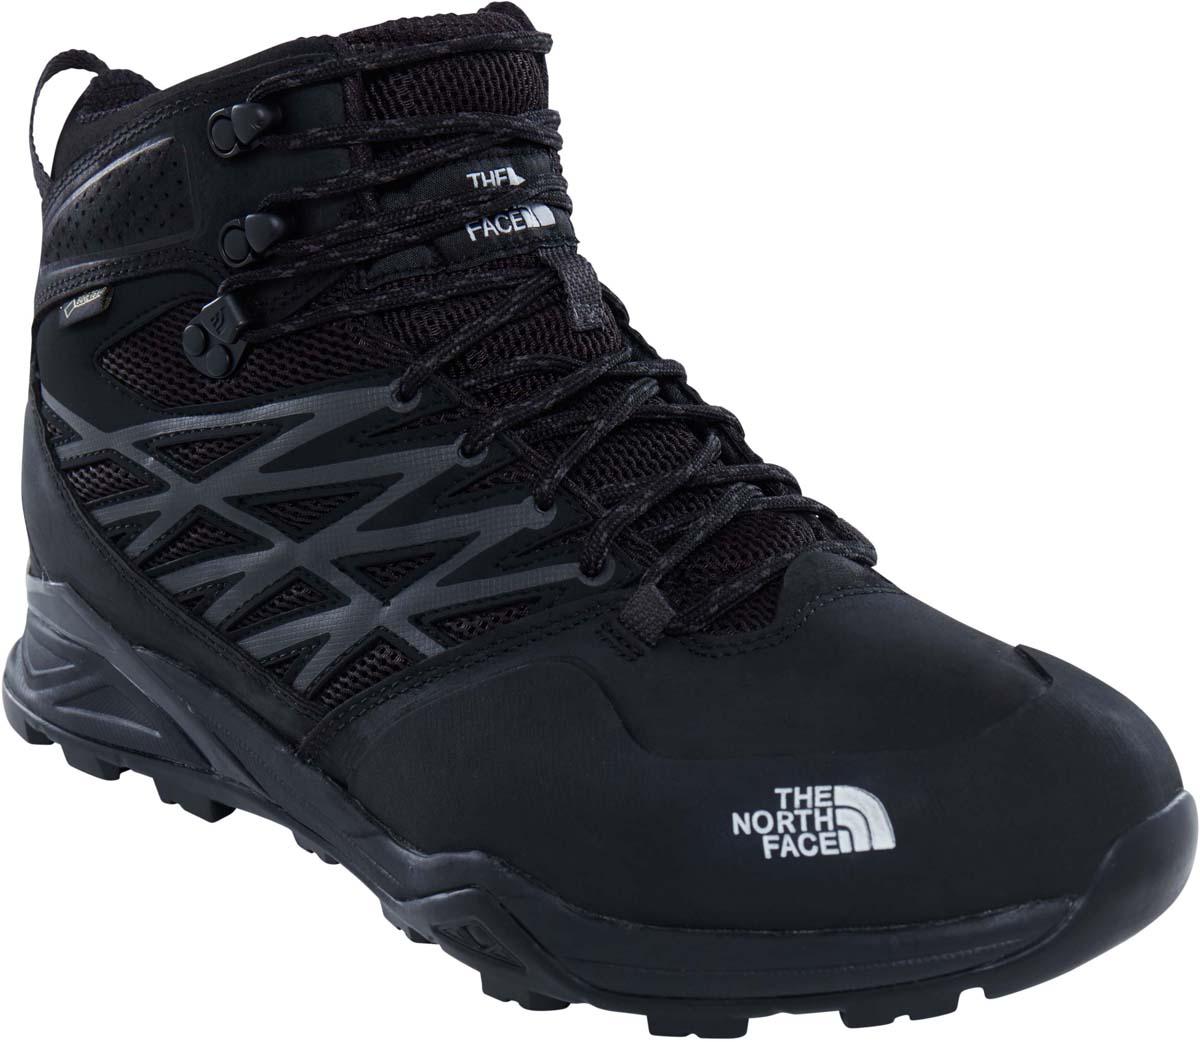 Ботинки мужские The North Face M Hh Hike Mid Gtx, цвет: черный. T0CDF5KX7. Размер 11H (45)T0CDF5KX7Мужская модель легких ботинок Hh Hike Mid Gtx от The North Face средней высоты с водонепроницаемой и дышащей мембраной Gore-Tex, жесткой основой из ТПУ и верха из слоистой кожи - обеспечат защиту и поддержку стопы на пересеченной местности. Оборудованы эксклюзивной подошвой Vibram, которая гарантирует сцепление с поверхностью при путешествии в любых условиях.